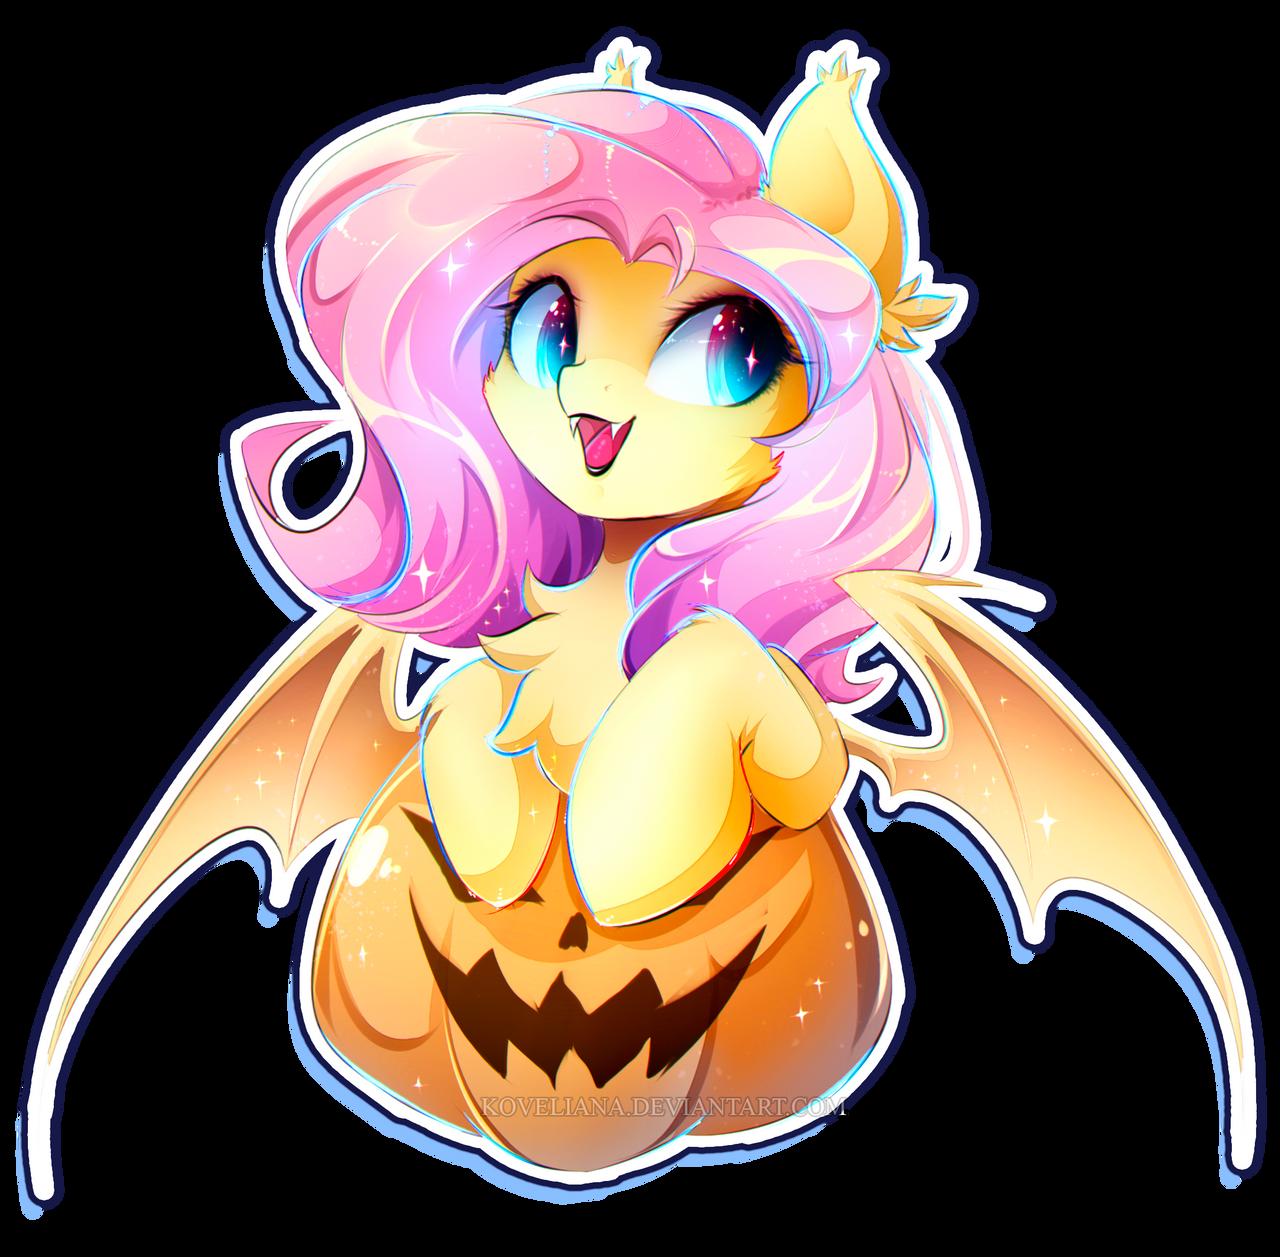 FlutterBat by Koveliana